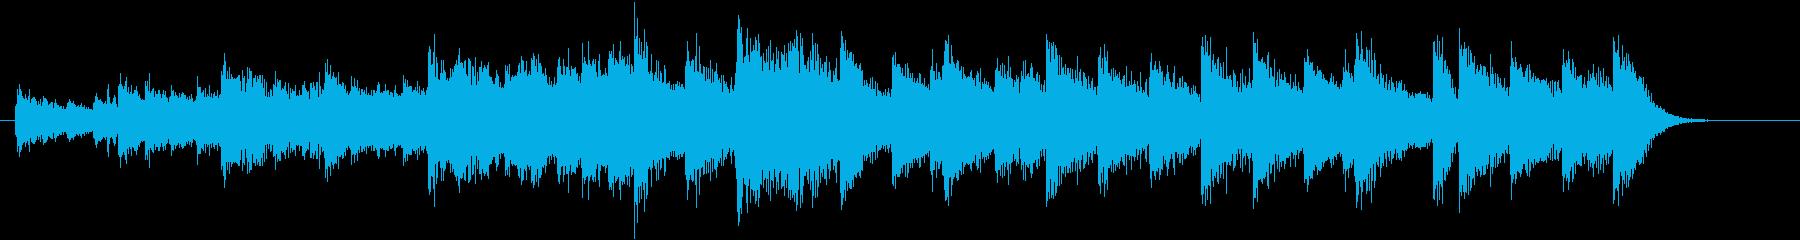 もろびとこぞりてモチーフピアノジングルEの再生済みの波形